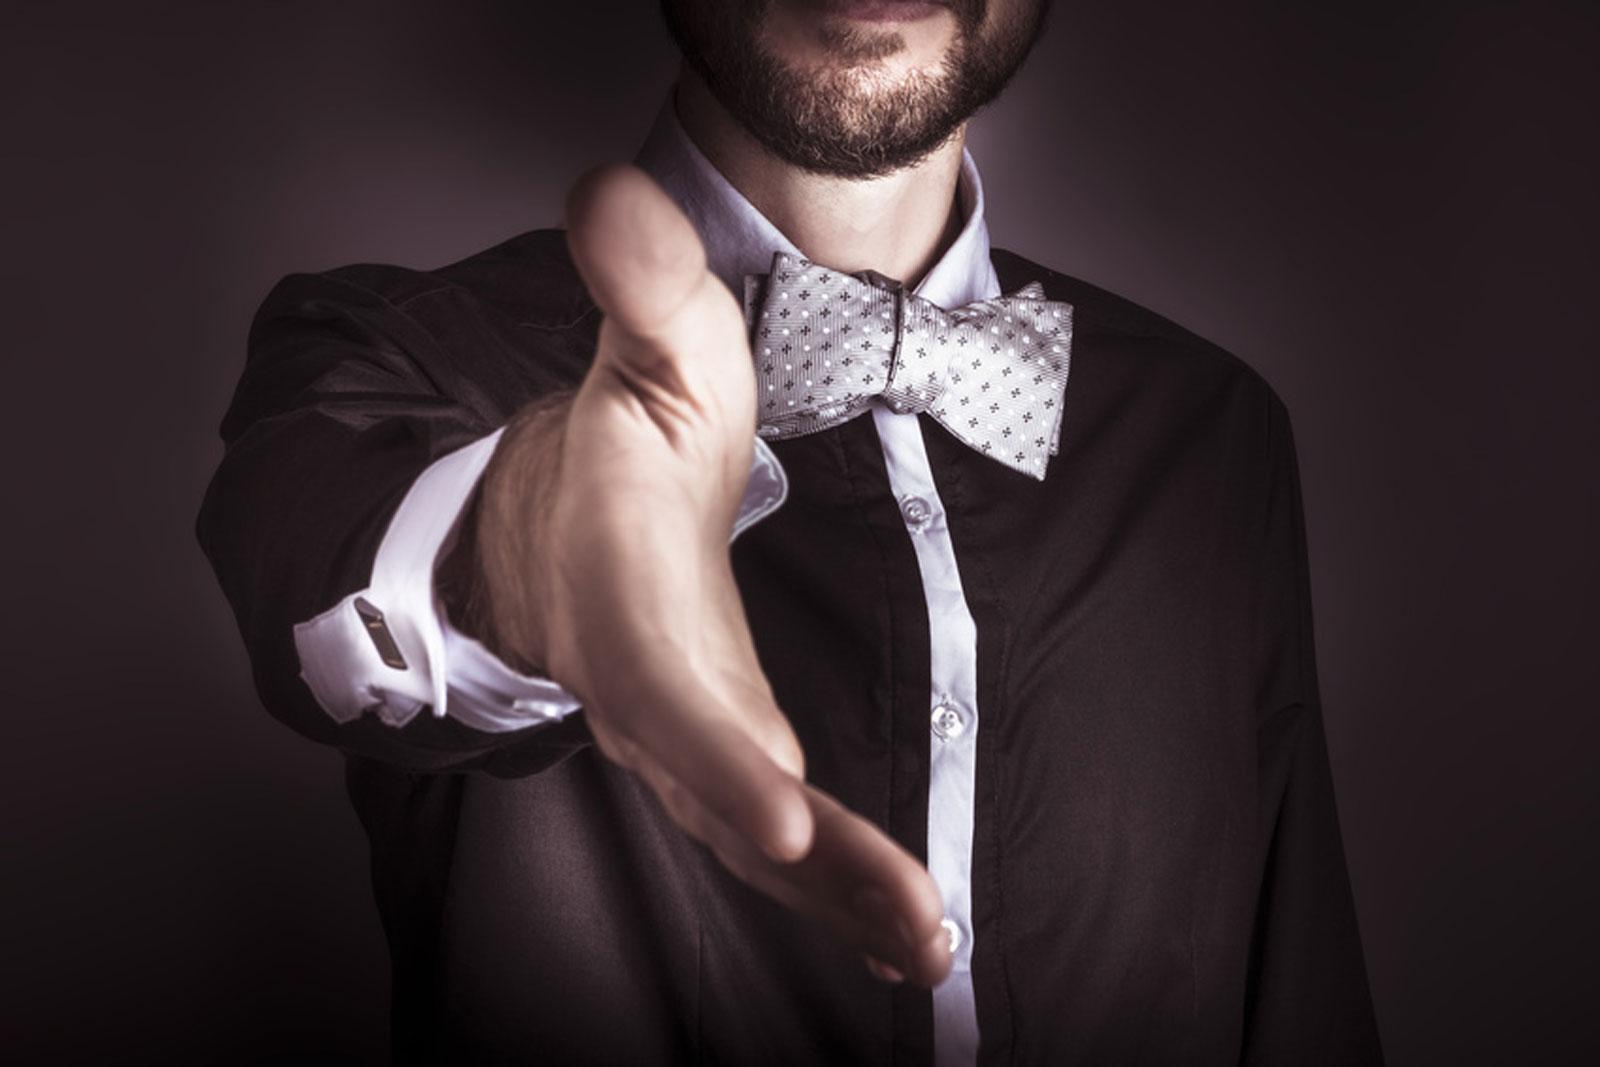 Verkaufs-Knigge: So vermeiden Sie leicht Etikettepannen